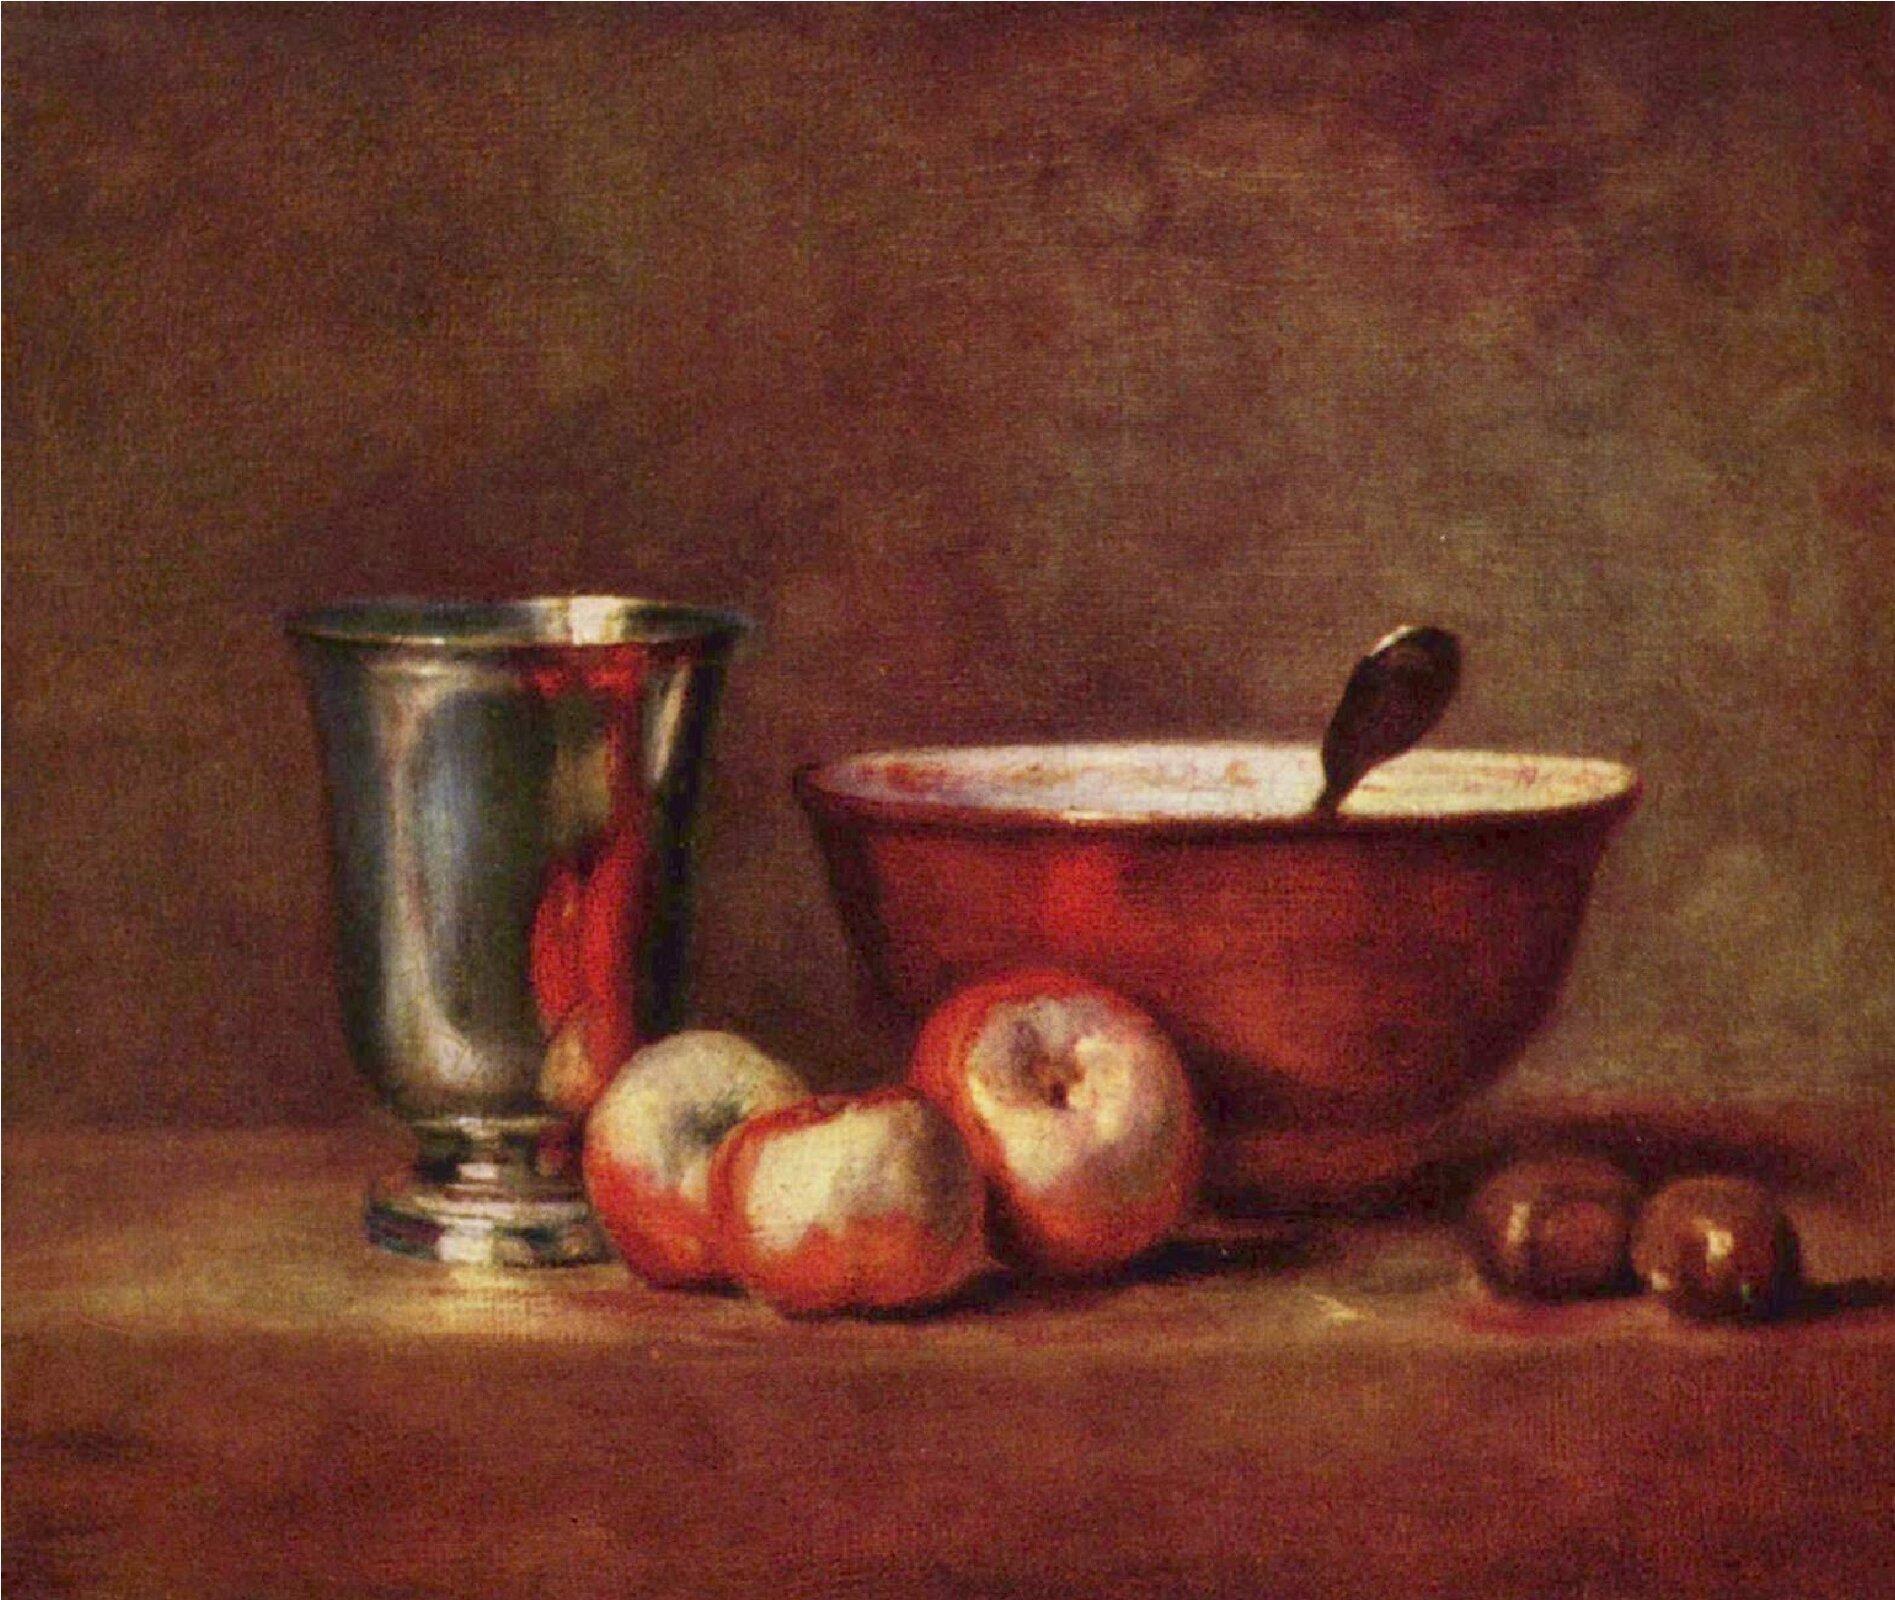 """Ilustracja przedstawia obraz """"Martwa natura"""" autorstwa Jeana-Baptistea Chardina. Wcentrum statycznej kompozycji znajduje się metalowy, podłużny kielich oniskiej nóżce, natomiast obok stoi czerwona misa zbiałym wnętrzem, zktórej wystaje metalowa rączka łyżki. Przed naczyniami ułożone są trzy, czerwono-żółte jabłka oraz dwa kasztany. Wszystkie przedmioty znajdują się na brązowej draperii przykrywającej stół. Tło stanowi brązowa, poprzecierana ściana. Całość obrazu namalowana jest luźno, bez zbędnej dbałości oszczegół, mimo to artyście udało się wiernie oddać różny rodzaj materii przedmiotów: gładkość misy ibłyszczącego kielicha, delikatność owoców czy chropowatość ściany. Dzieło wykonane jest wtechnice olejnej. Ciepła, wąska gama barwna ogranicza się do brązów, czerwieni izłamanych zieleni."""